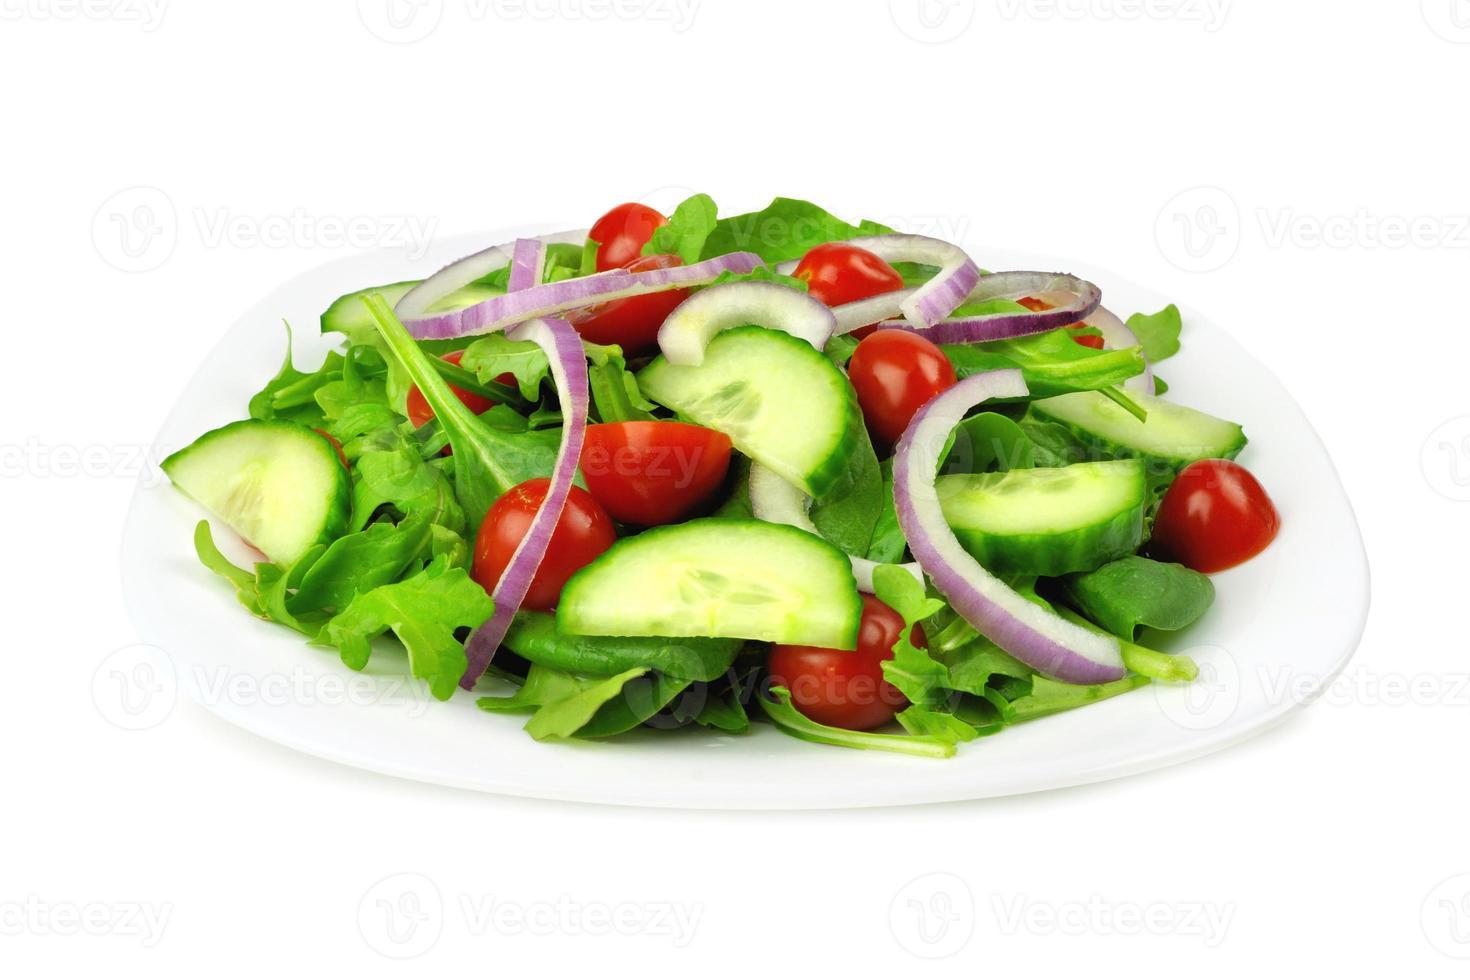 Gartensalat auf Teller, isoliert auf weiß foto